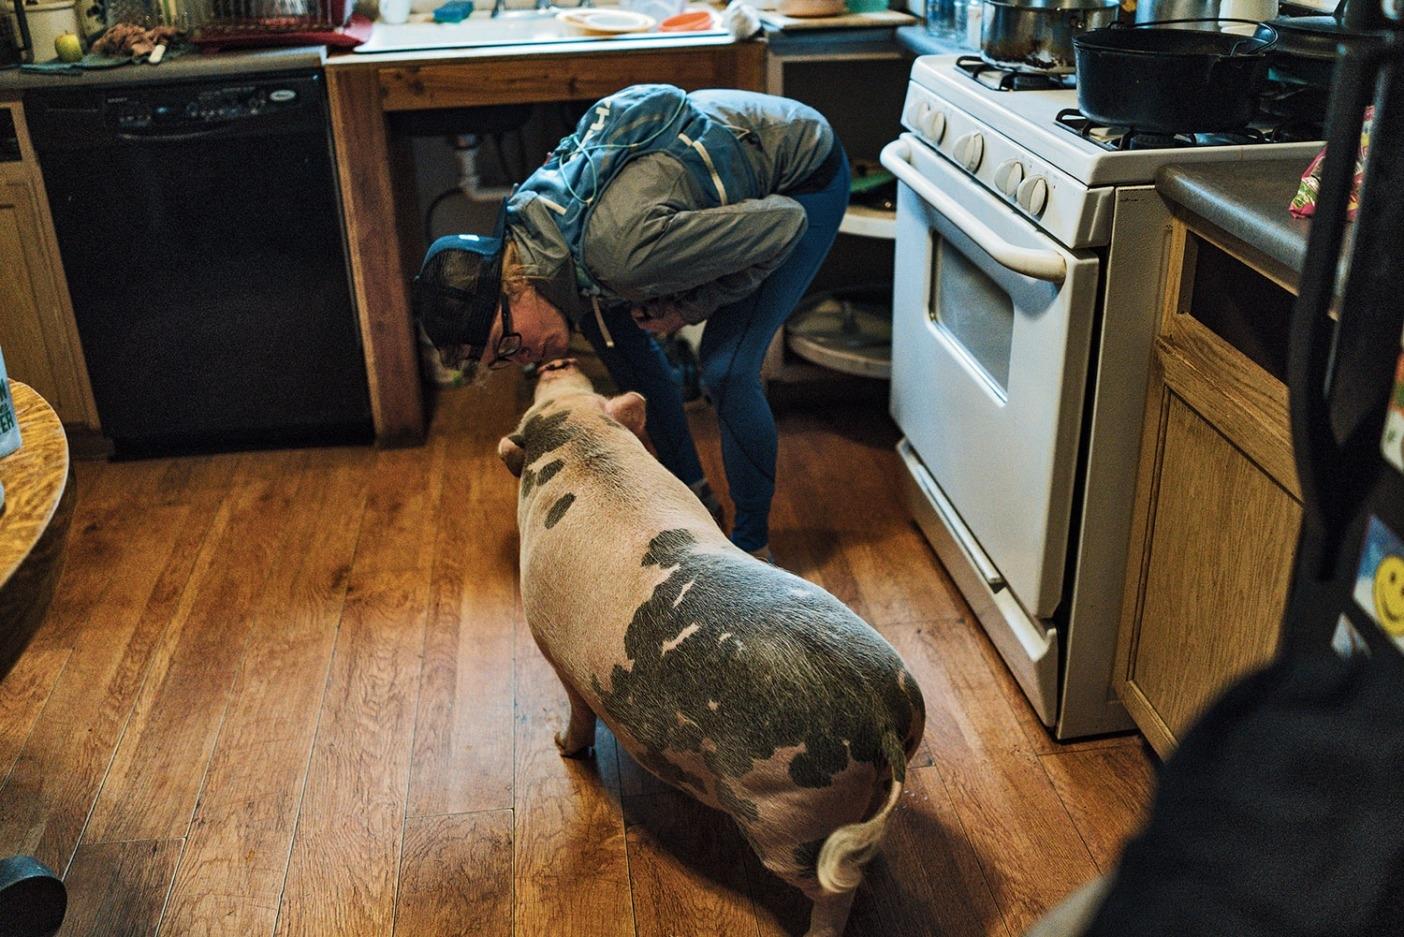 ランニング前のアイビーに幸運のキスをしてあげる巻き尾のシンバ。この豚も自分のStrava(ランナーやサイクリストのためのソーシャルネットワーク)のアカウントをもっている。Photo: Steven Gnam